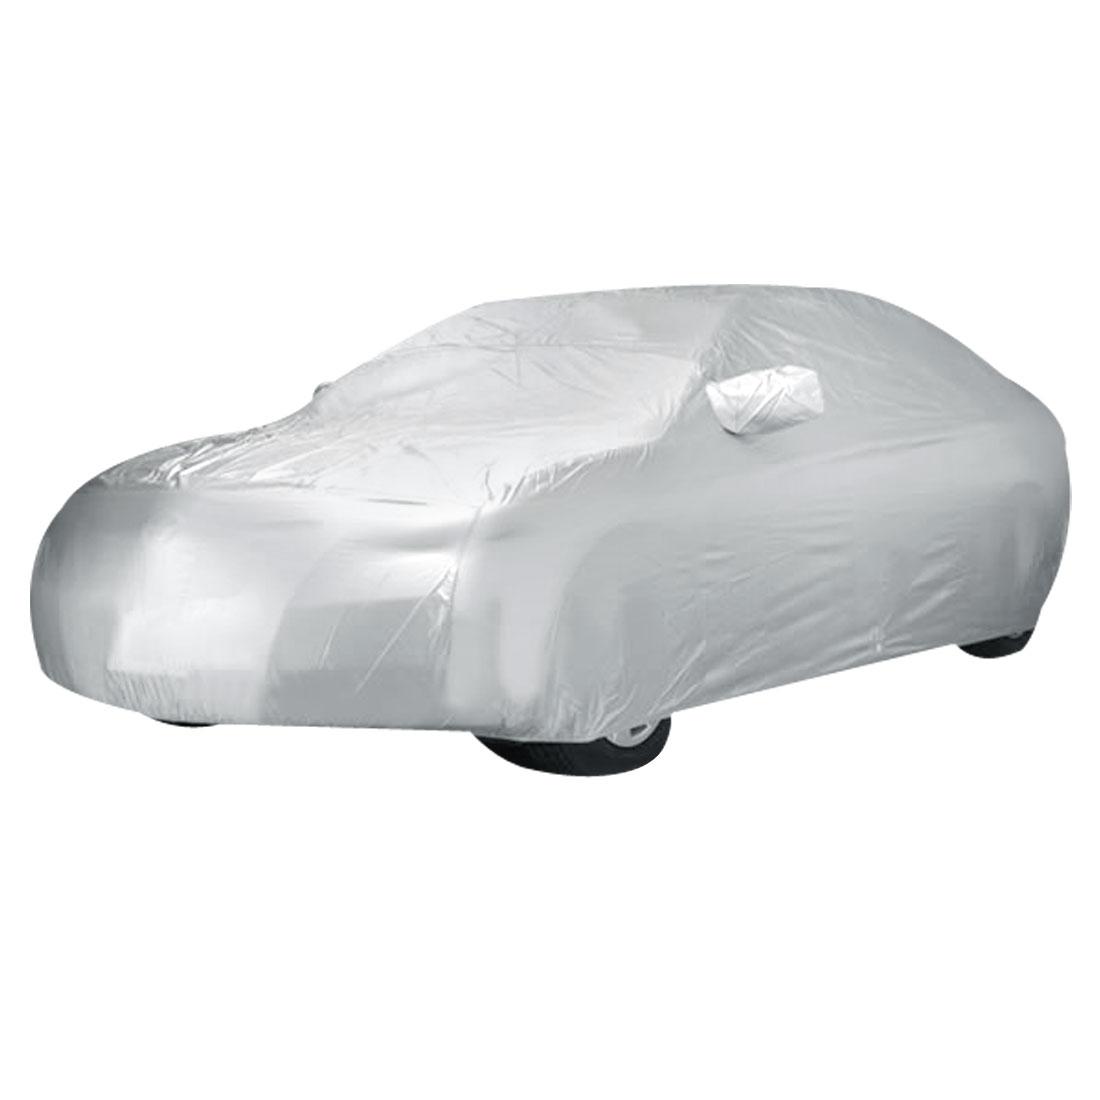 Outdoor UV Sun Anti Dust Rain Snow Waterproof Gray Saloon Sedan Car Cover